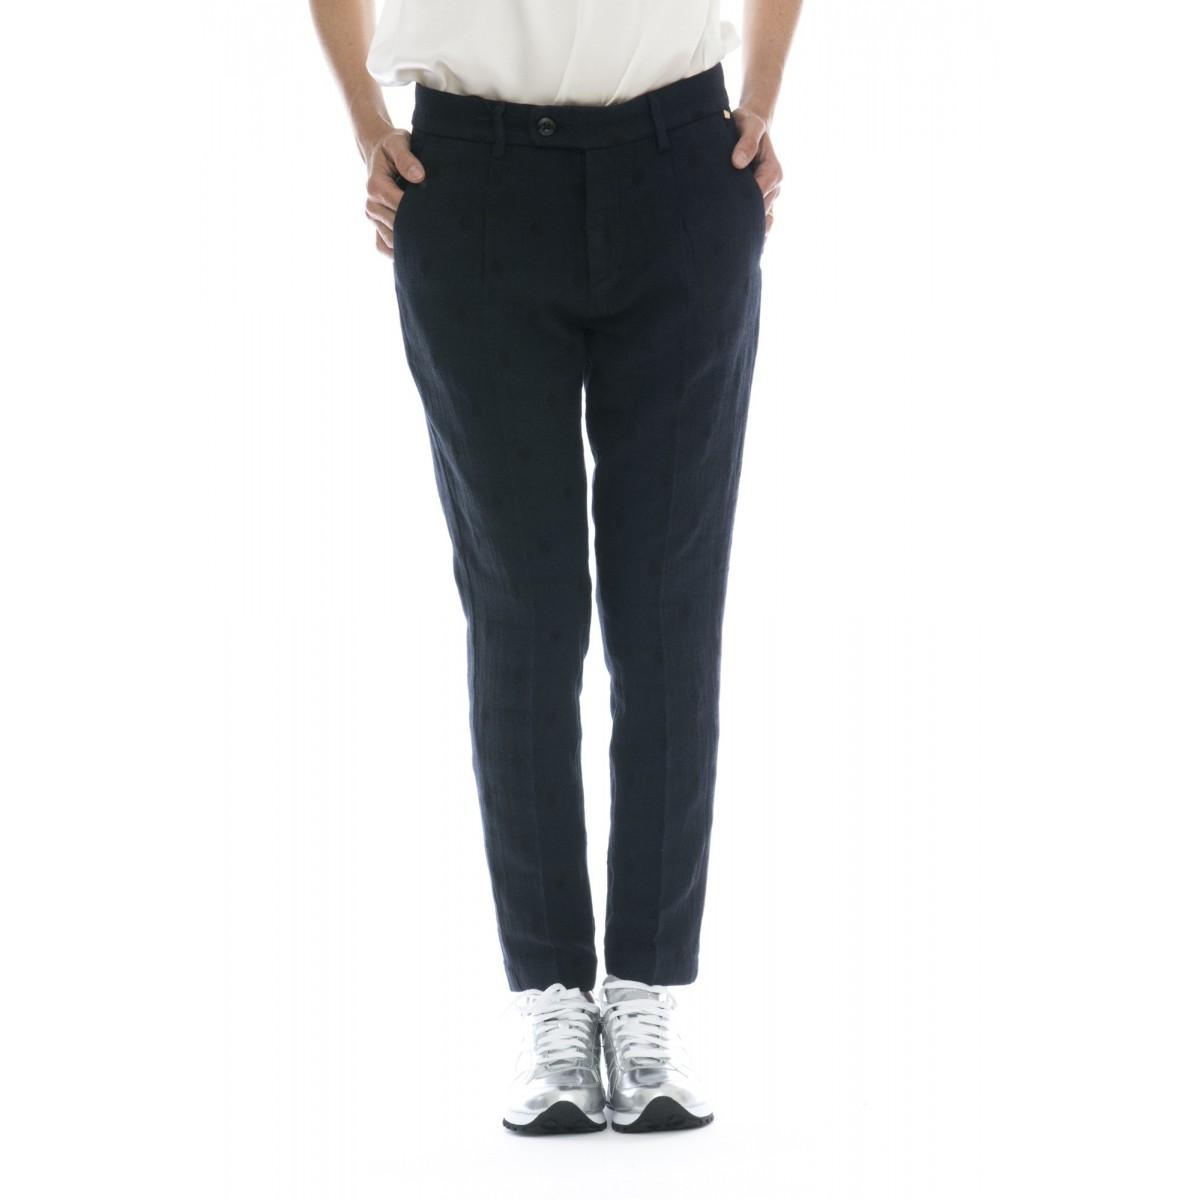 Pantalone donna - Millie pantalone spiga pois